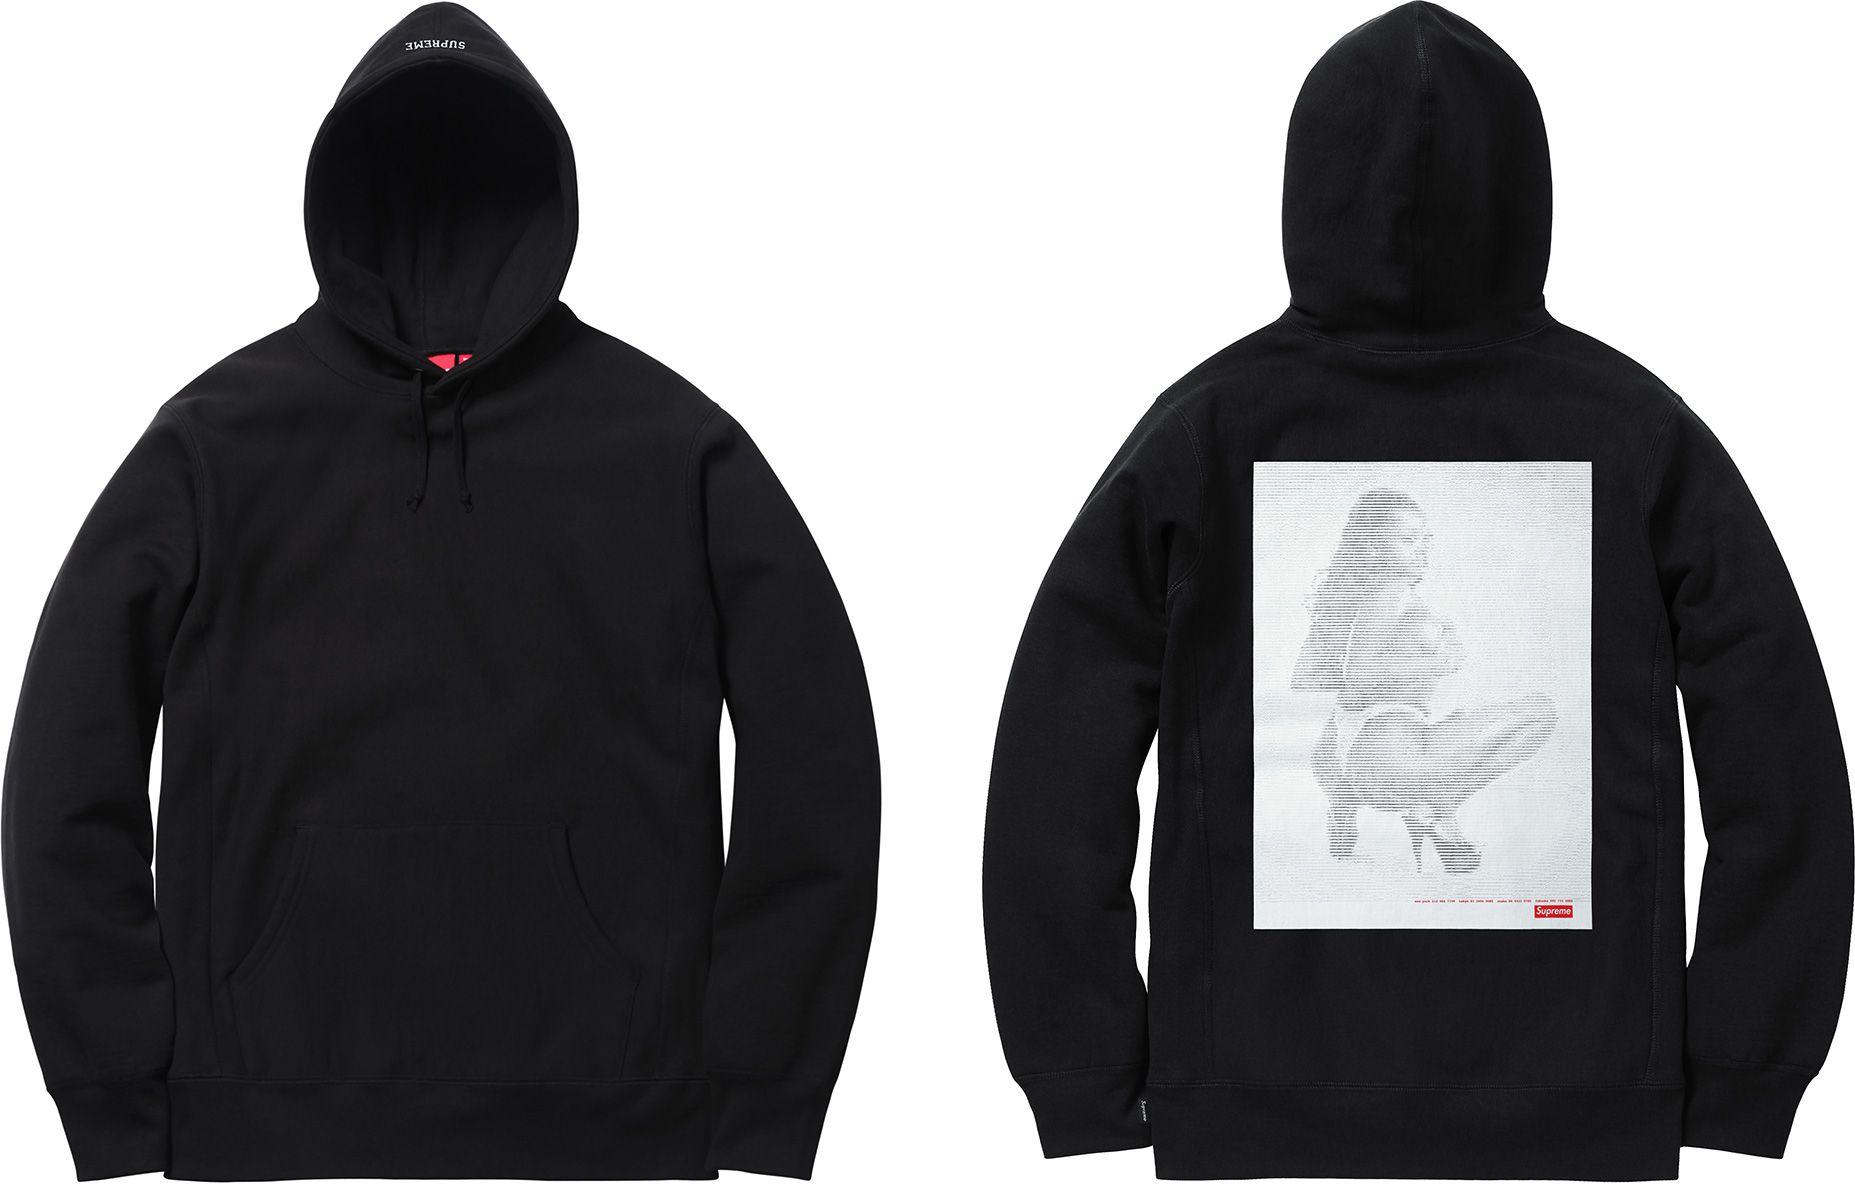 Supreme Thrills Hooded Sweatshirt Hooded Sweatshirts Supreme Clothing Sweatshirts [ 1200 x 1855 Pixel ]